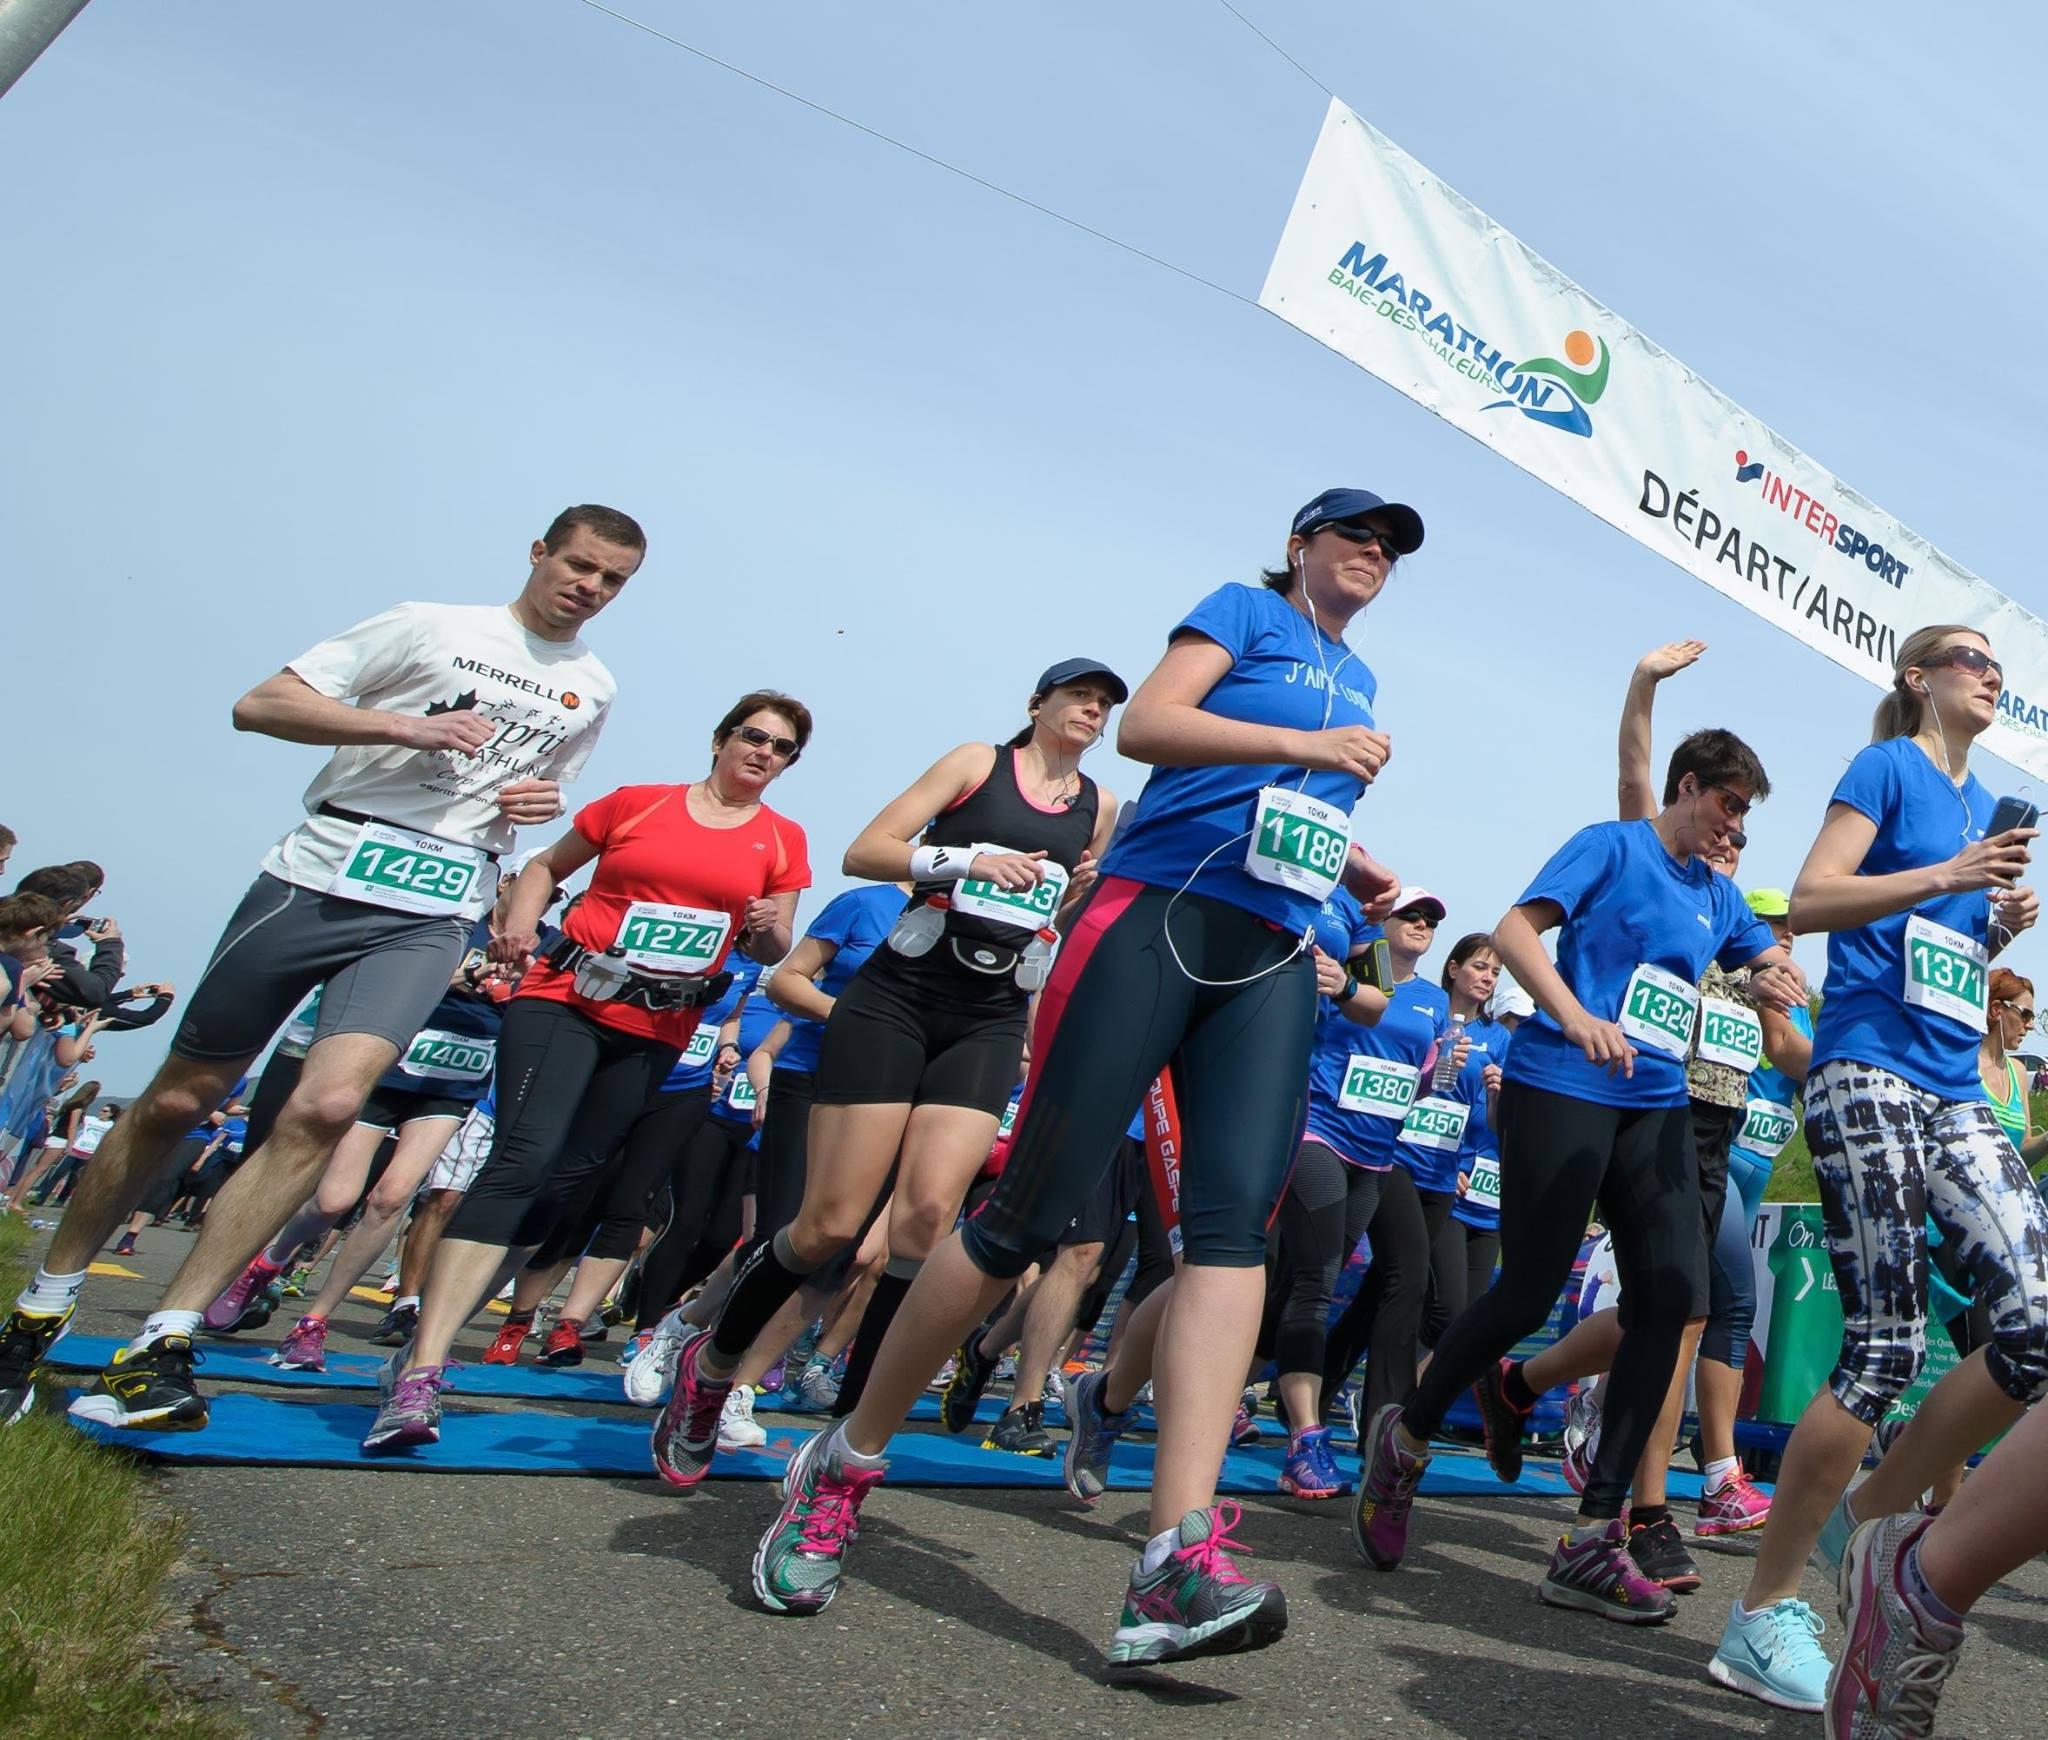 Marathon Baie-des-Chaleurs